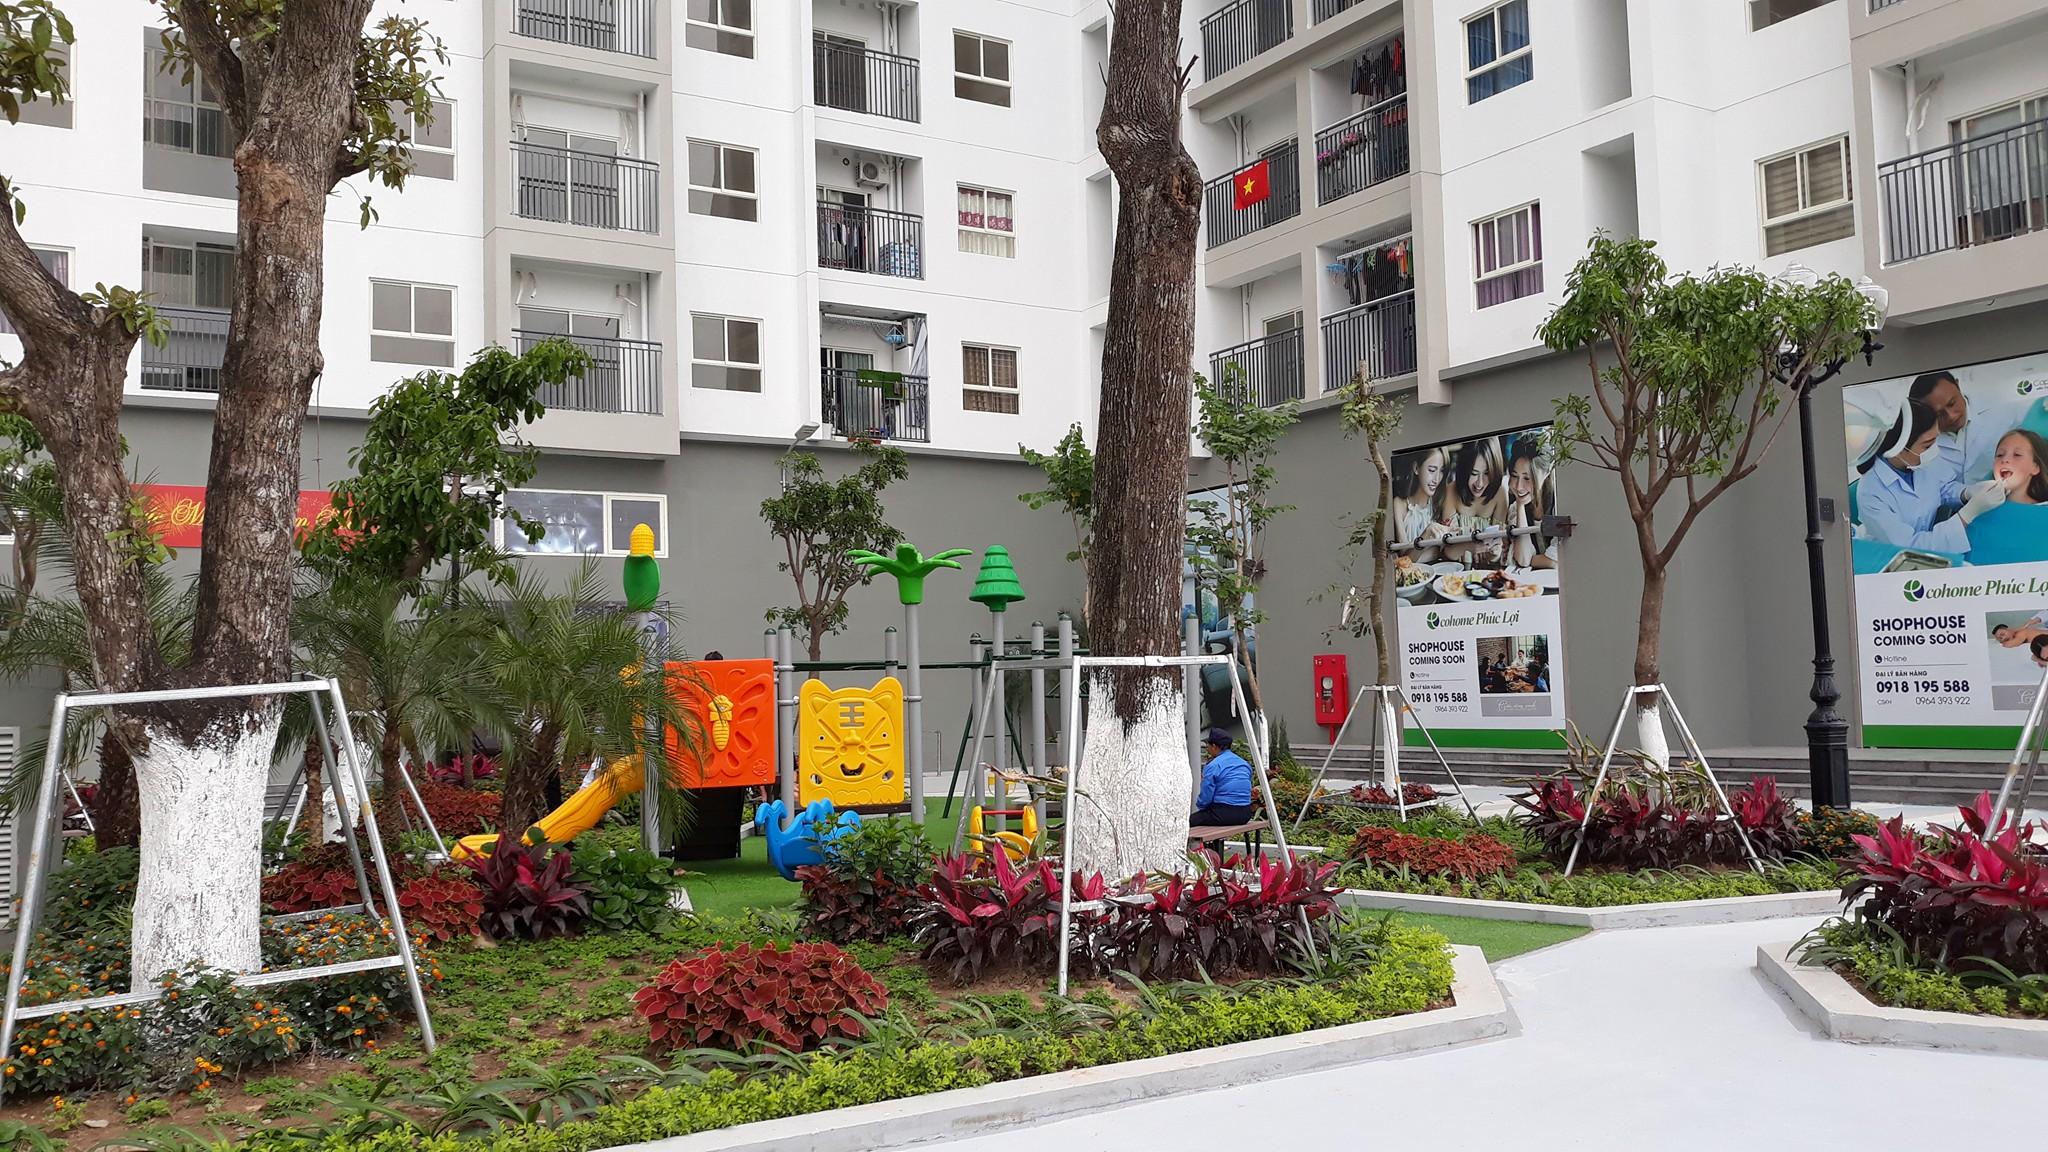 Trường mầm non GCA Ecohome Phúc Lợi ( Học viện Thủ Đô Xanh)